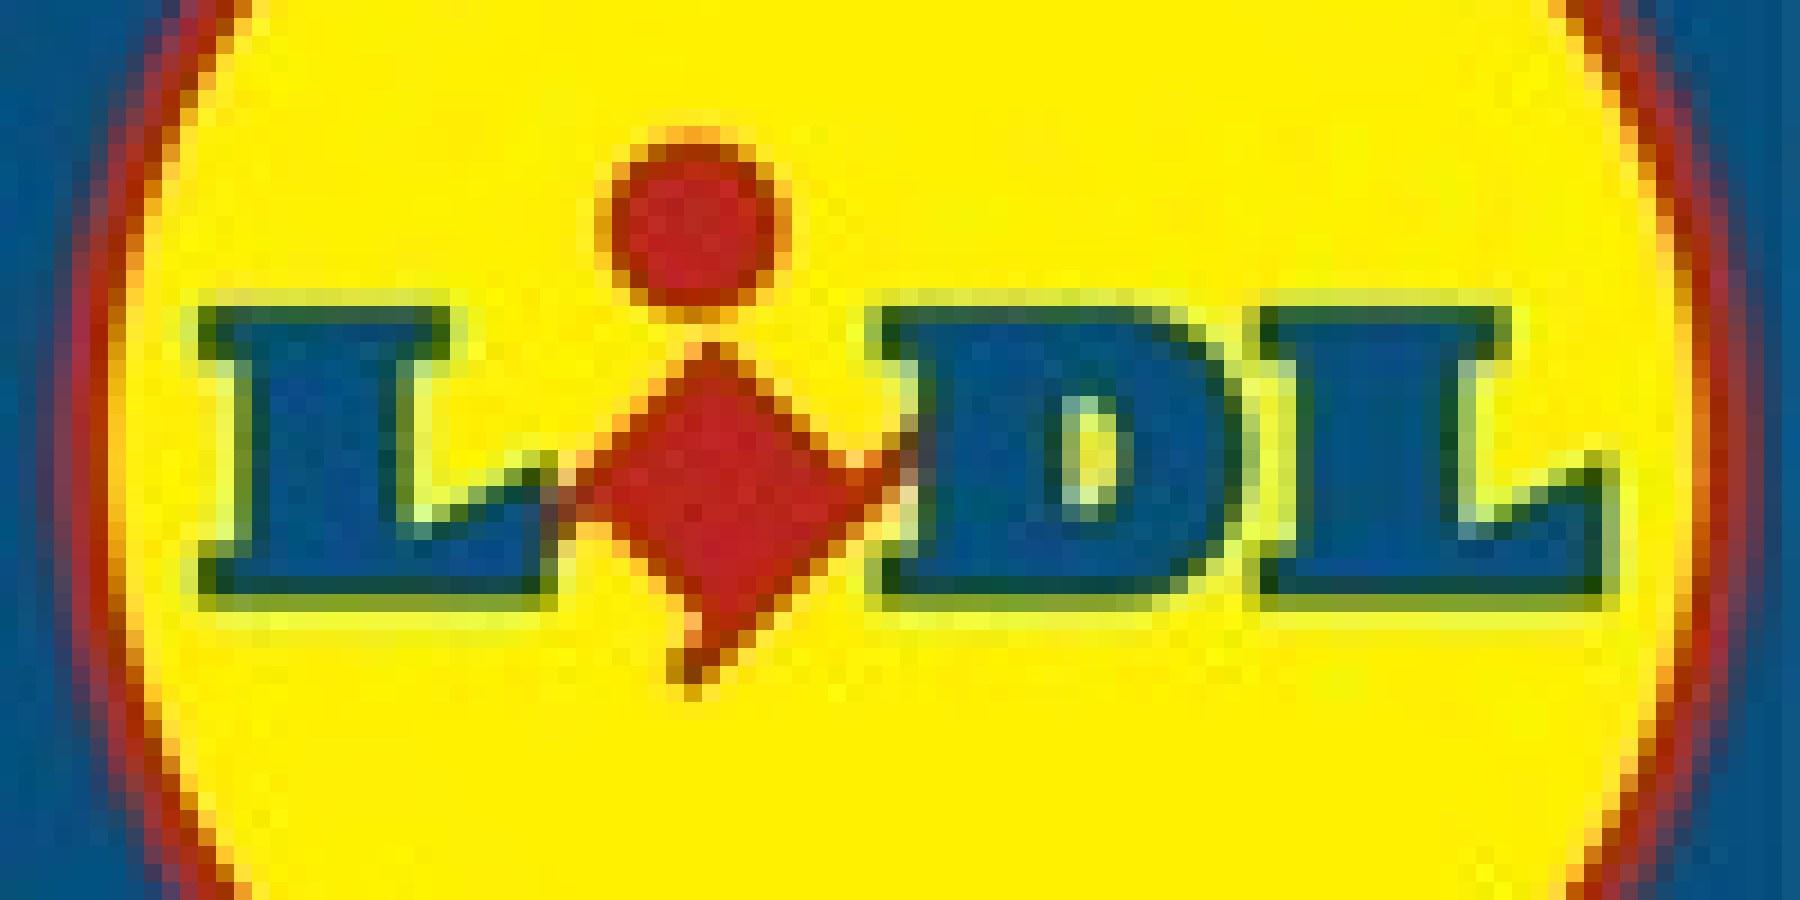 Kunden wählen Lidl bei Umfrage des Deutschen Instituts für Service-Qualität auf den ersten Platz